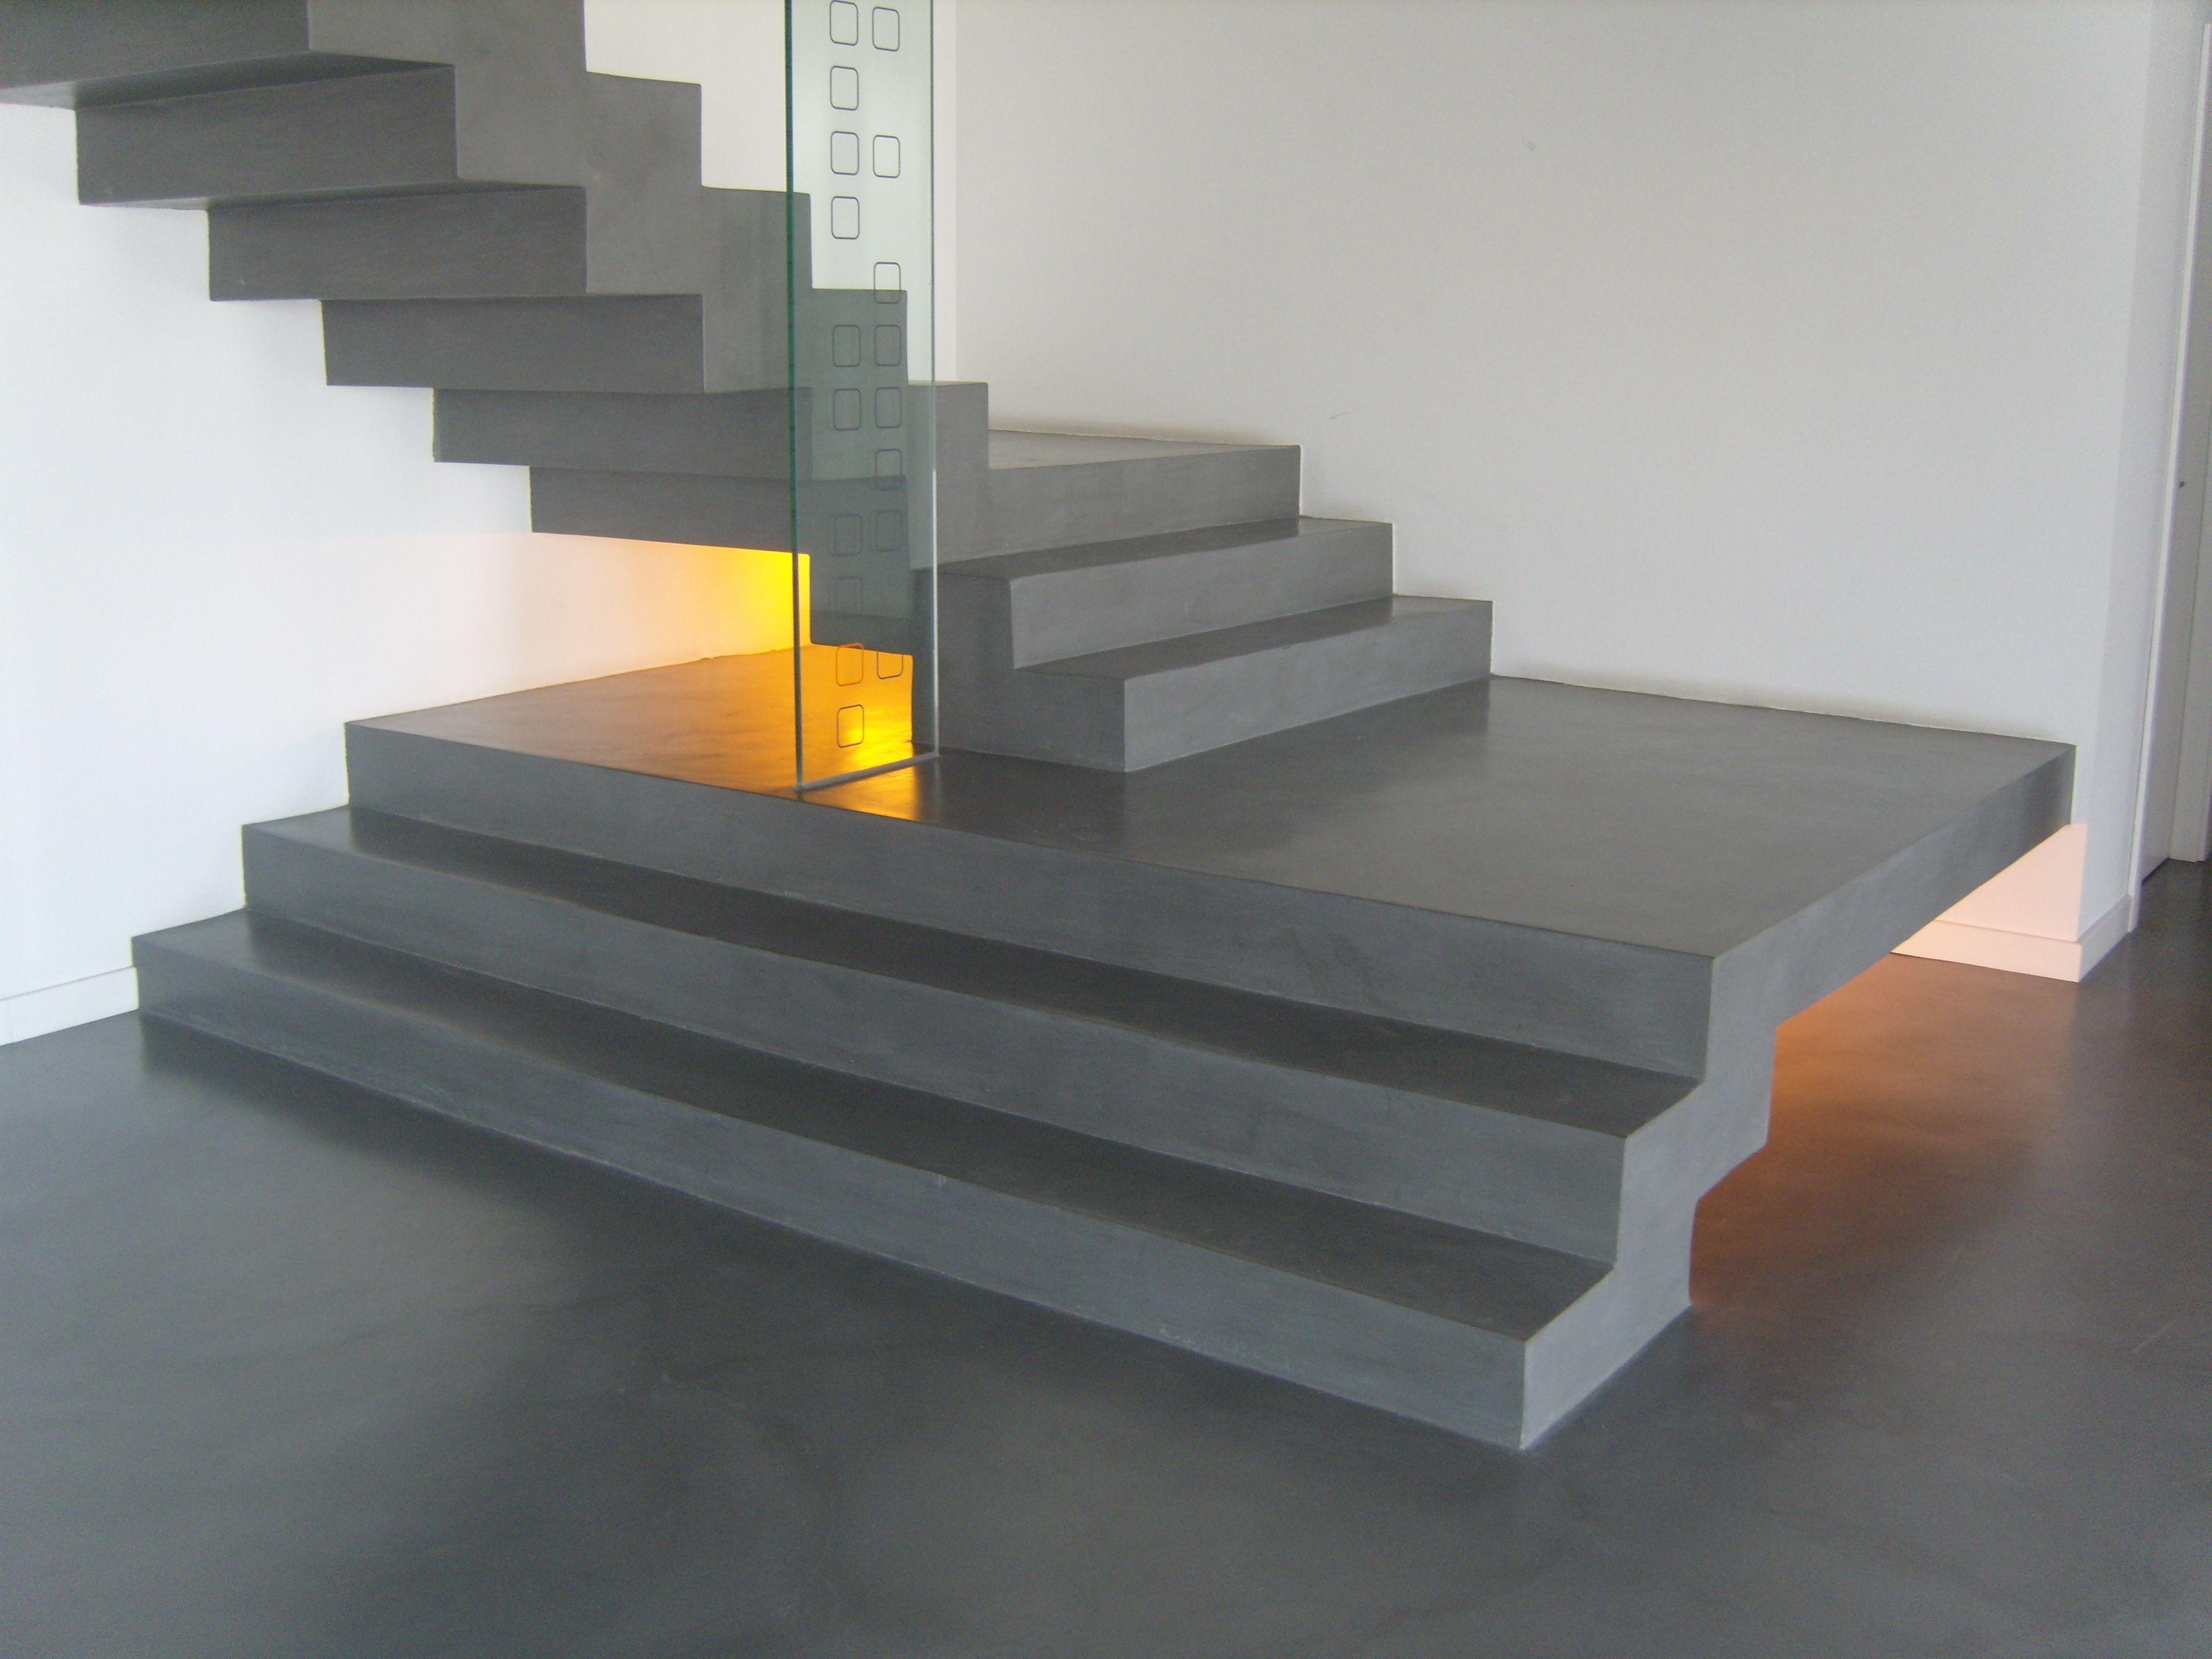 Escaleras Modernas Con Estilo Vanguardista Escalera De